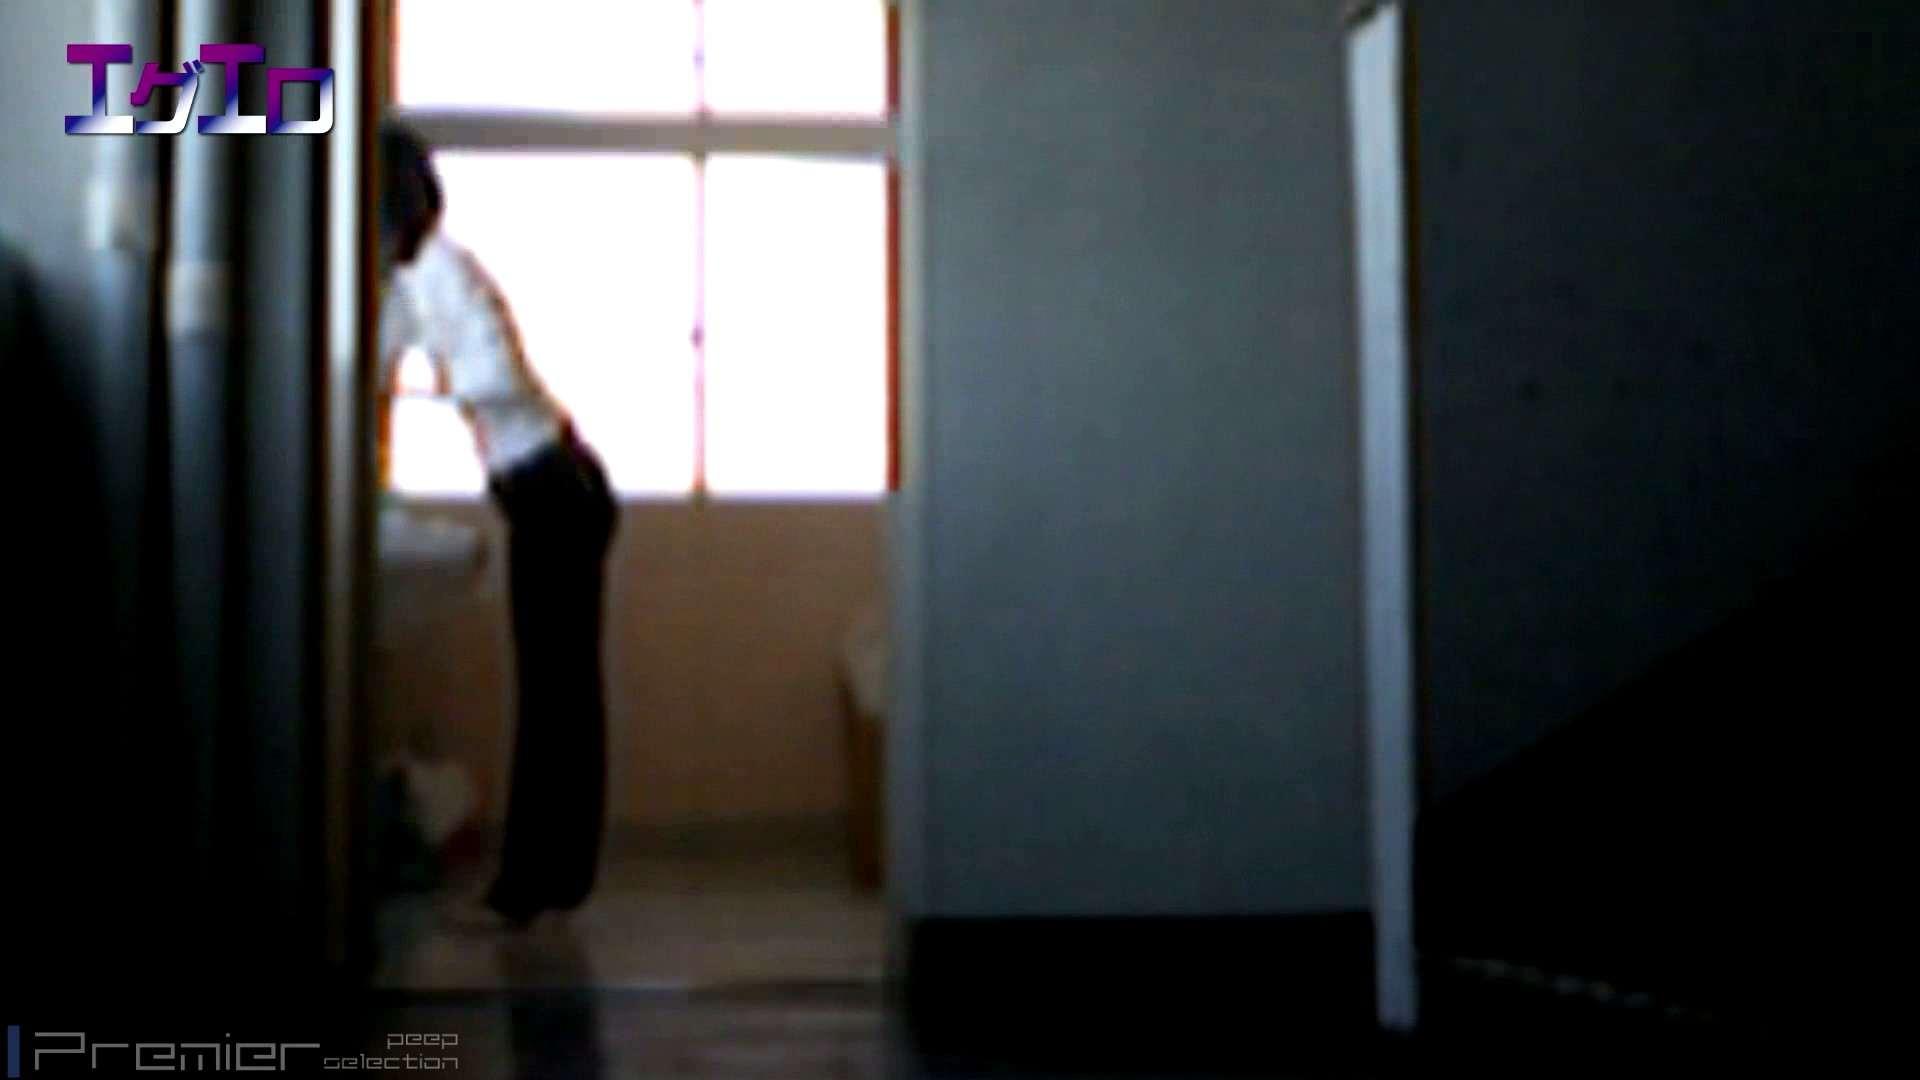 至近距離洗面所 Vol.09夏ギャルキタ~和式トイレ放nyoショー ギャル 盗撮画像 34連発 13